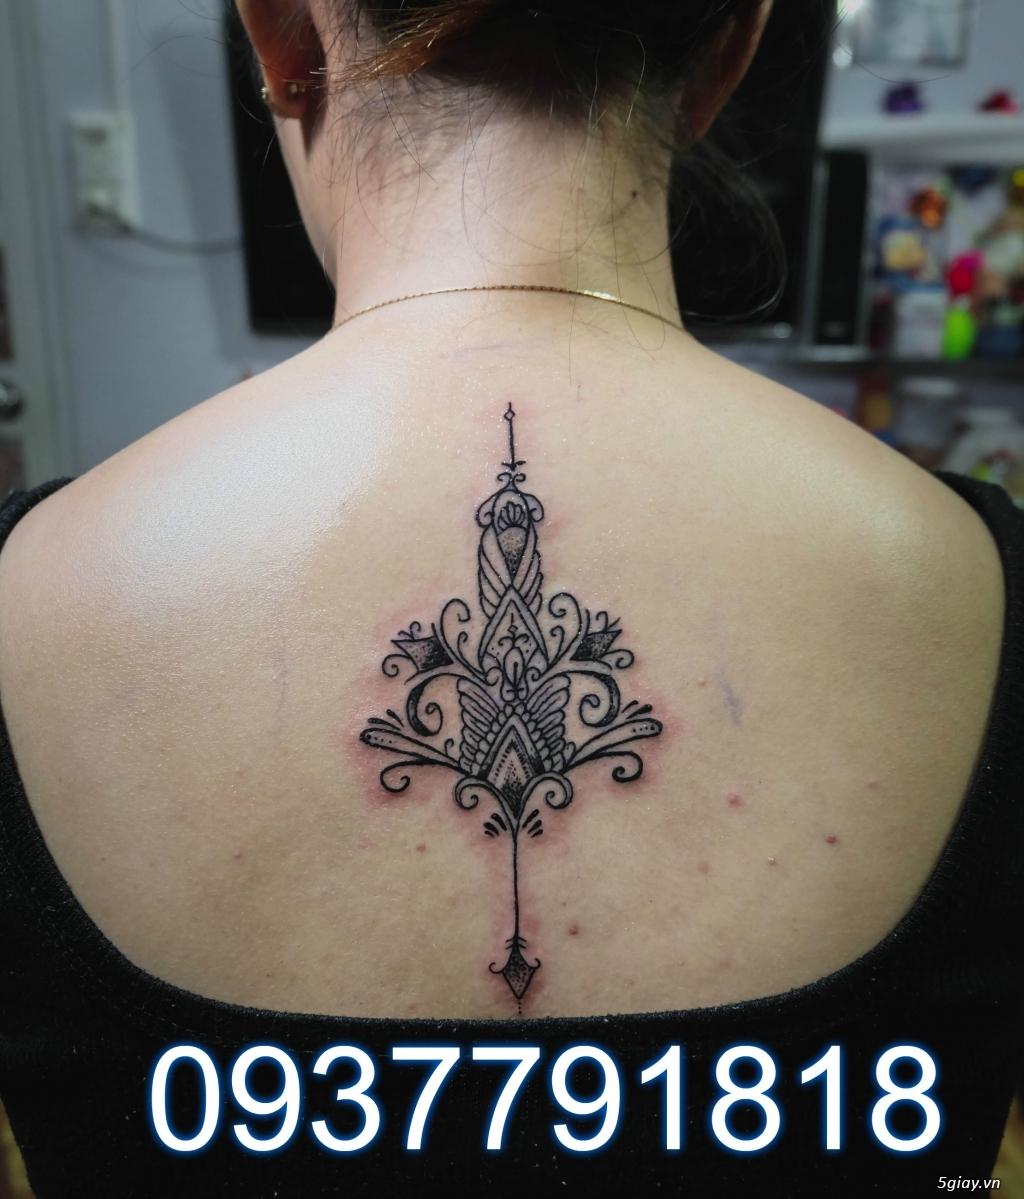 Tattoo88 ----->Địa Chỉ Xăm Nghệ Thuật Giá Rẻ Và Uy Tín Quận 7 - 4